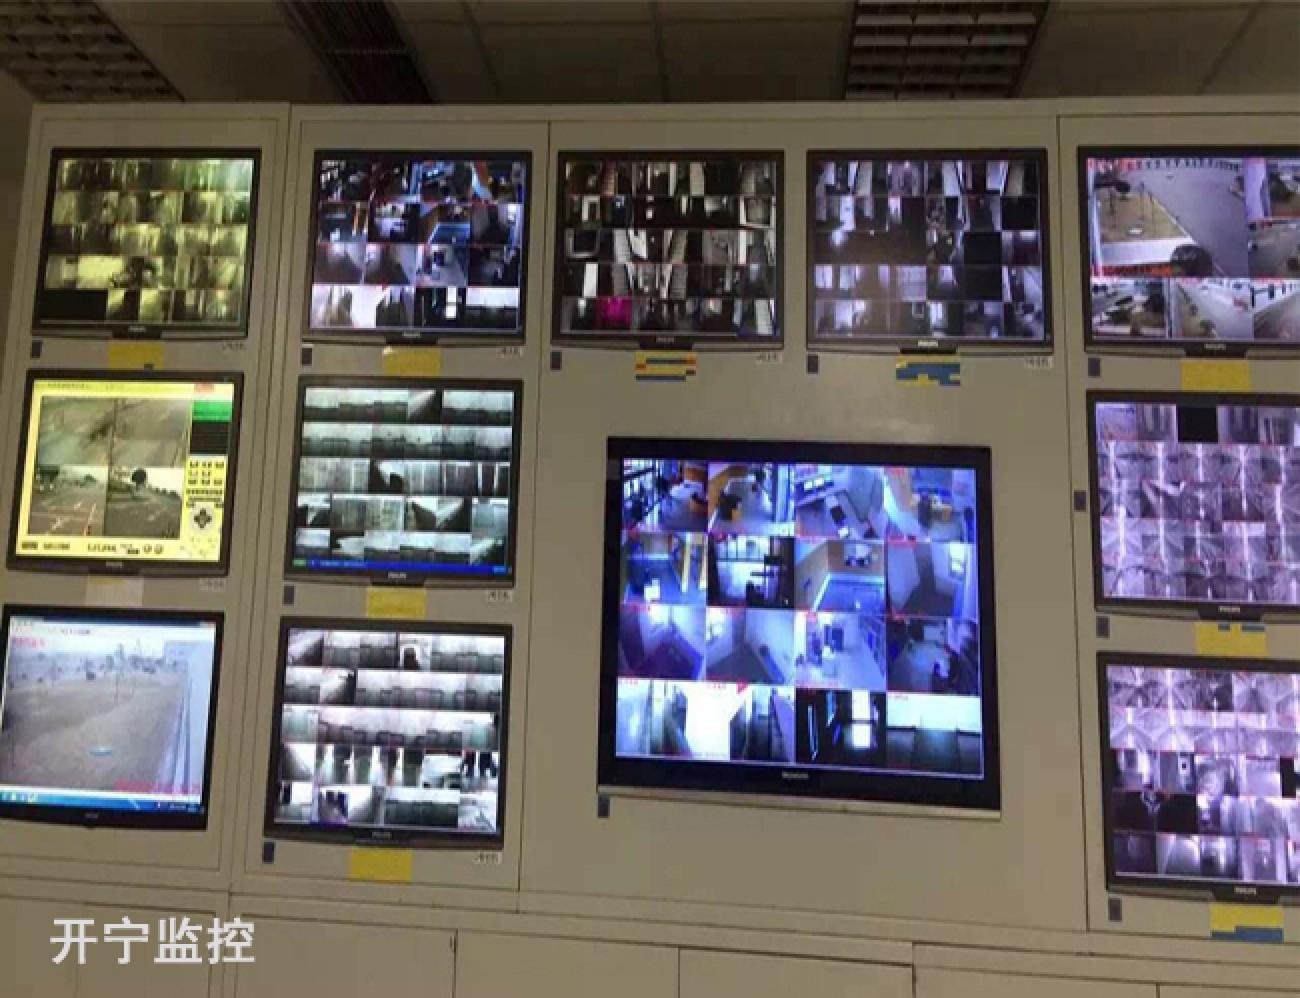 乐虎国际官方网_lehu66.vip乐虎国际智能lehu66.vip乐虎国际系统